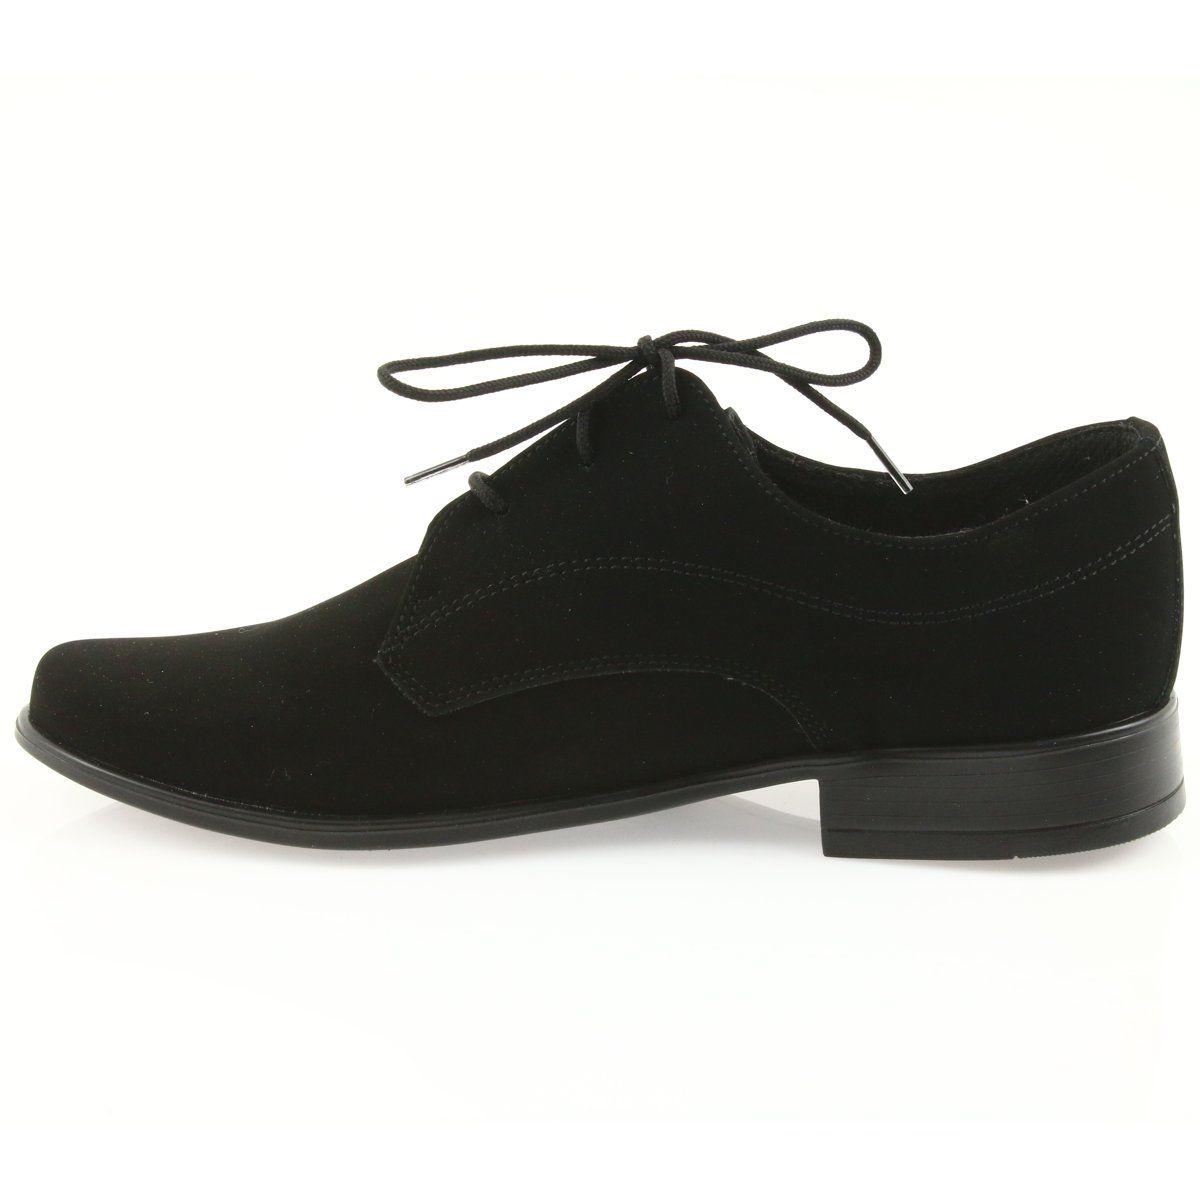 Miko Polbuty Dzieciece Zamszowe Buty Komunijne Czarne Chukka Boots Oxford Shoes Boots